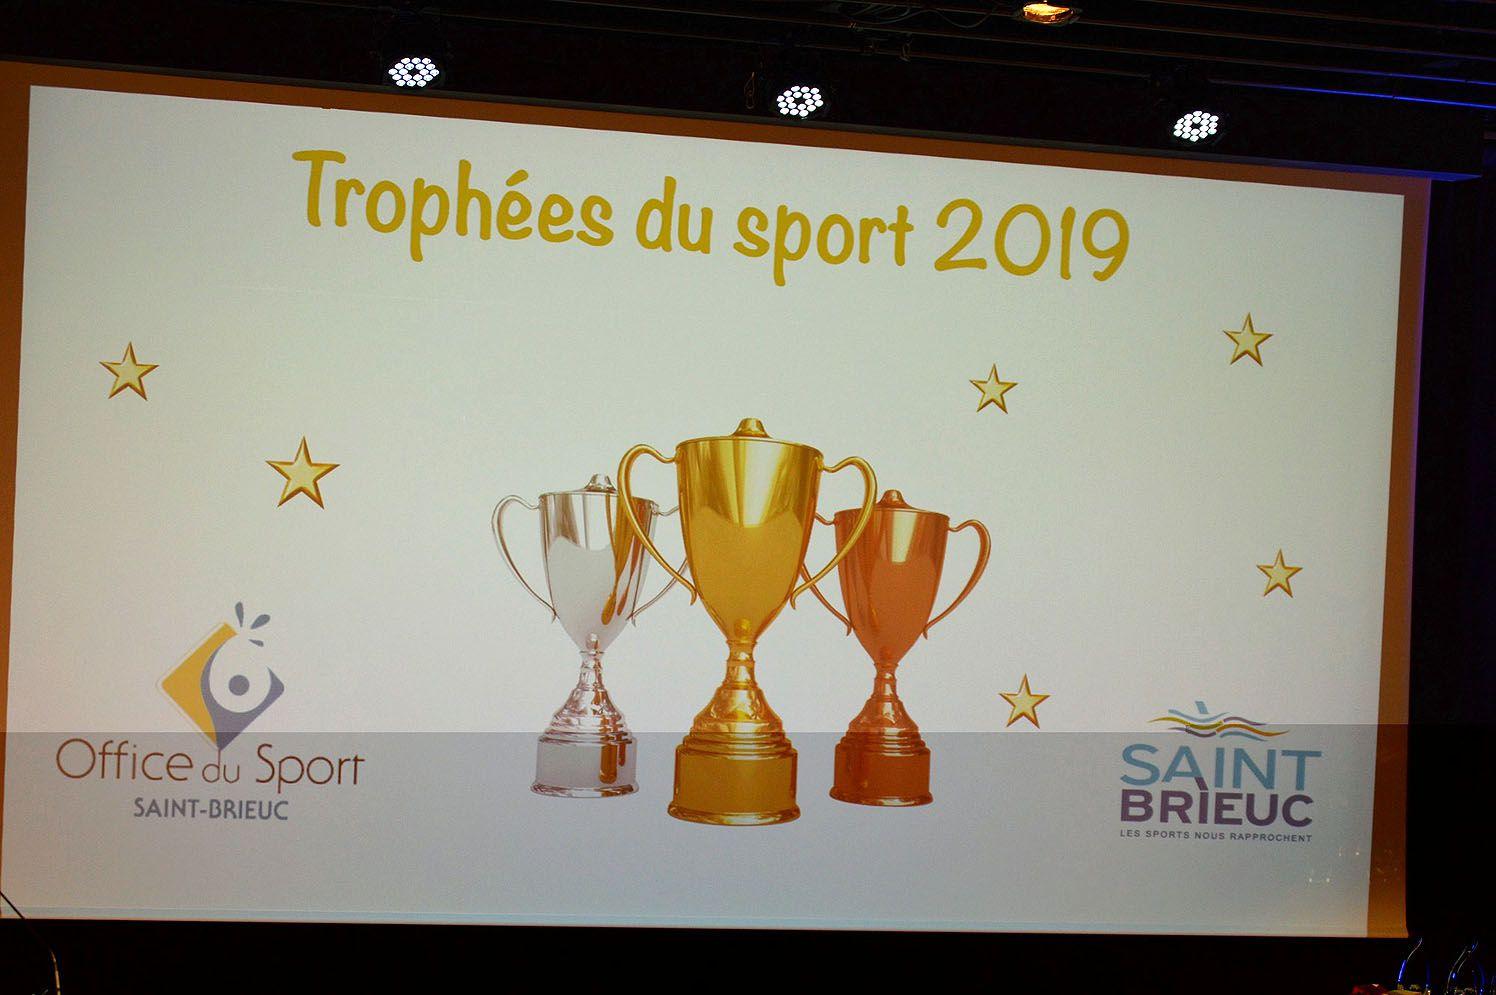 Trophée des sports de Saint-Brieuc